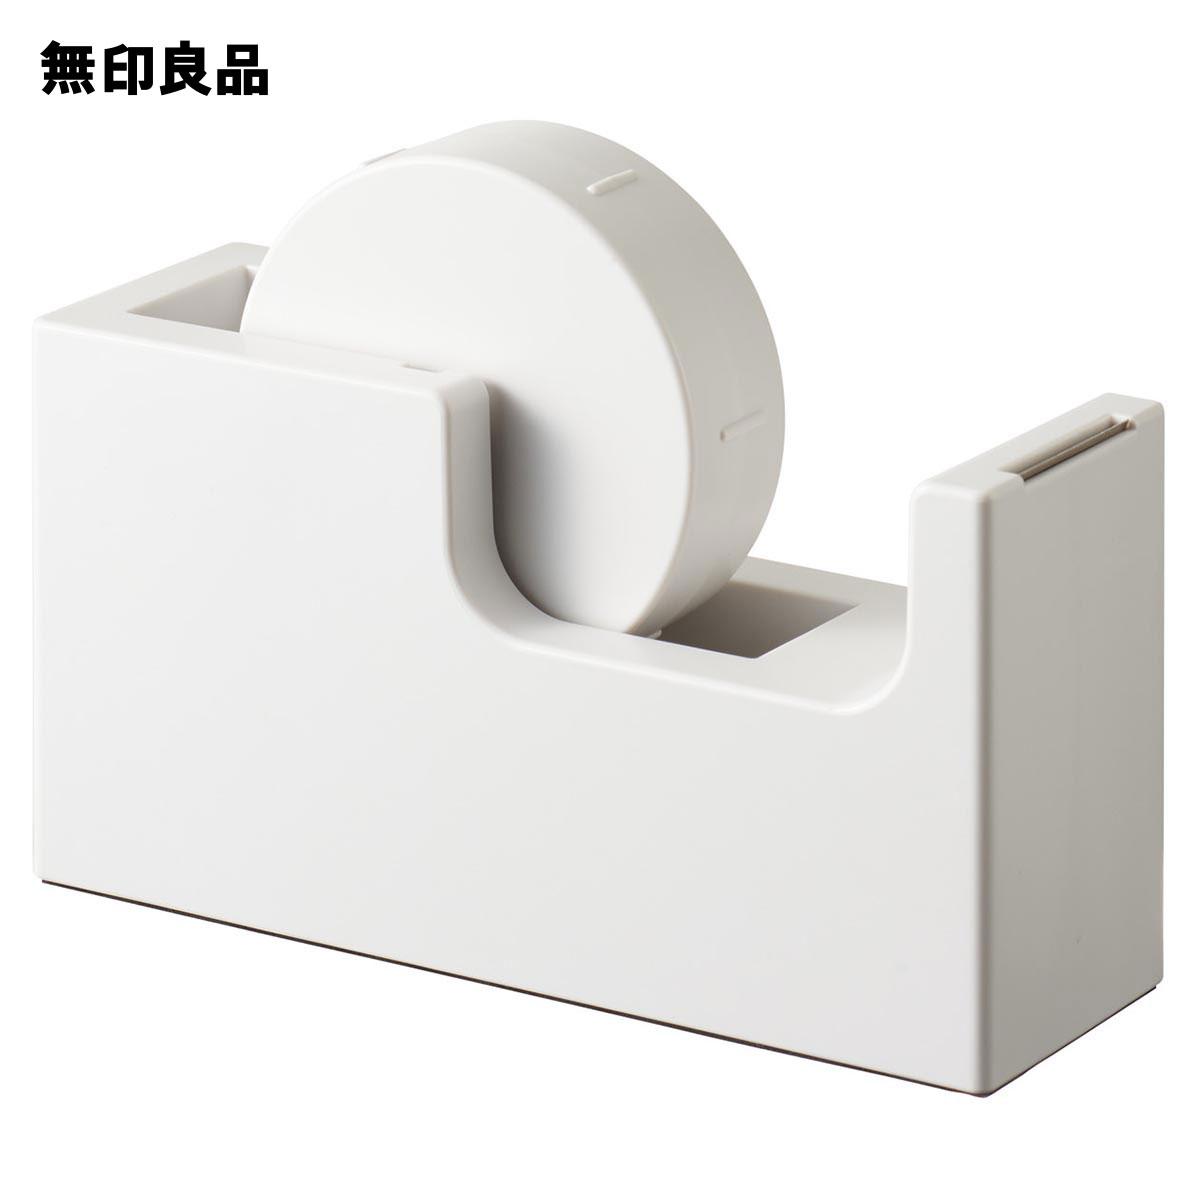 無印良品 信憑 公式 出色 ABS樹脂 テープディスペンサー W15.5×L5×H8.5cm